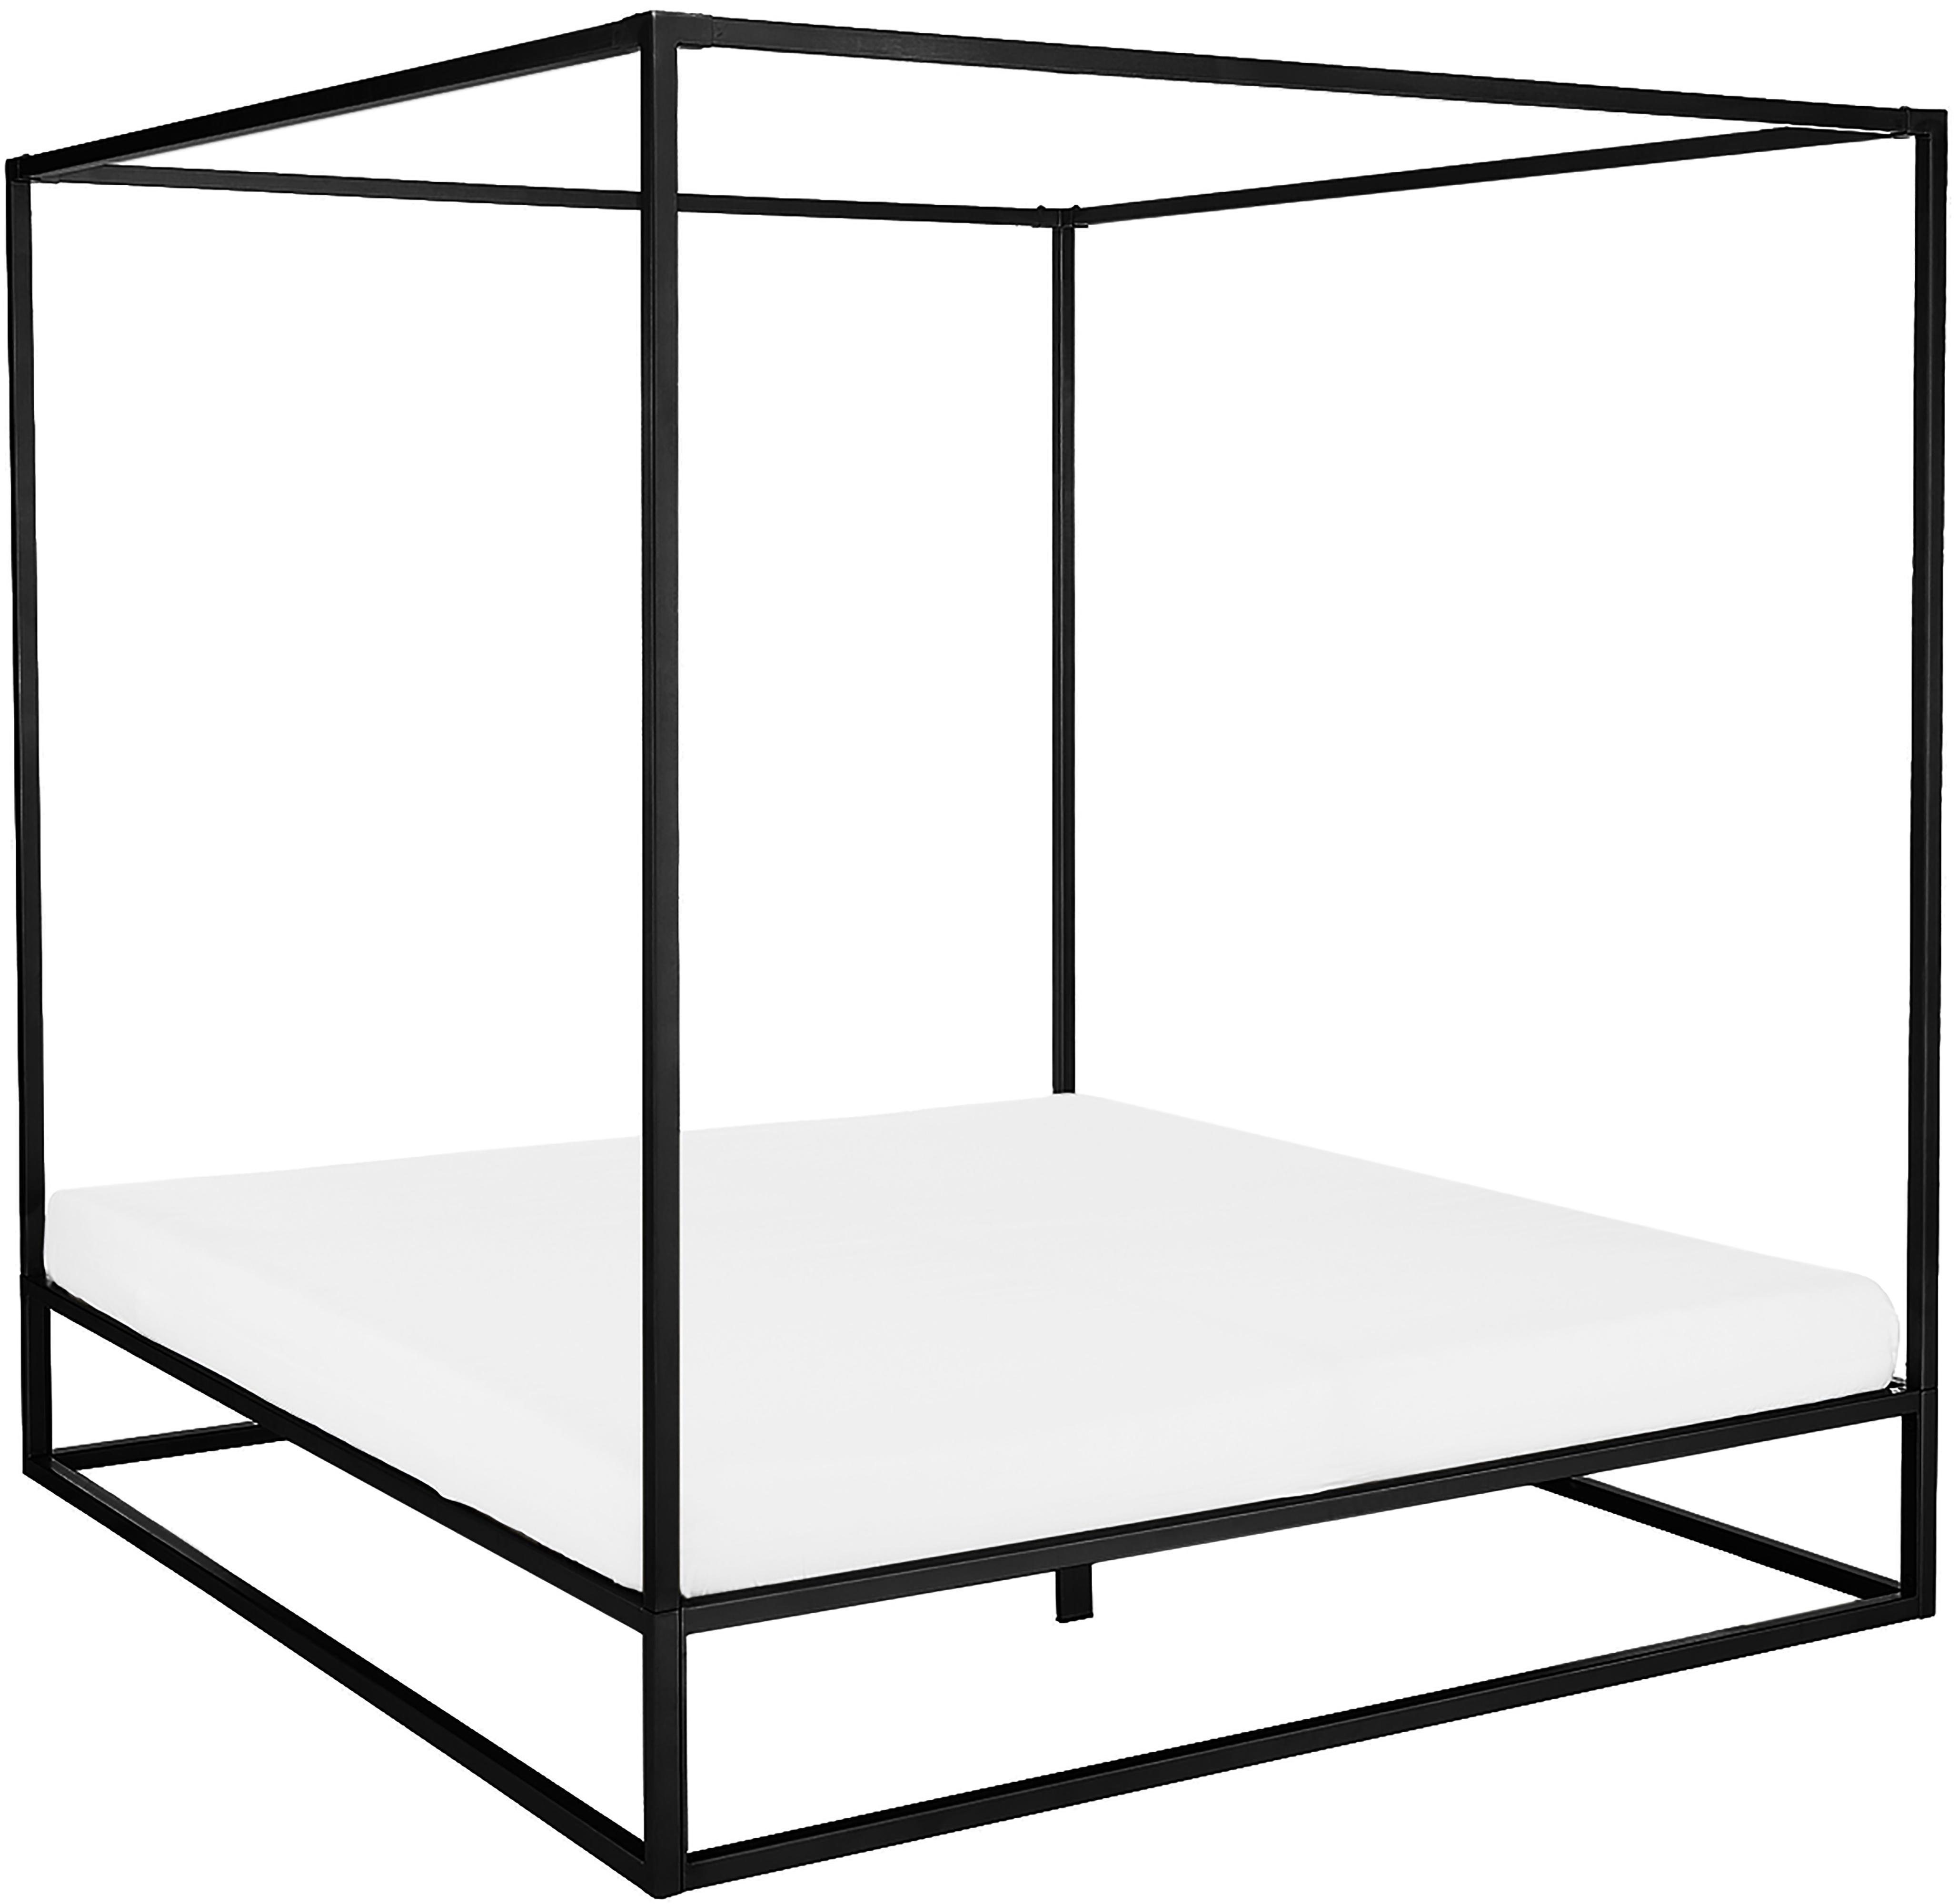 Łóżko z baldachimem Belle, Metal malowany proszkowo, Czarny, matowy, 160 x 200 cm